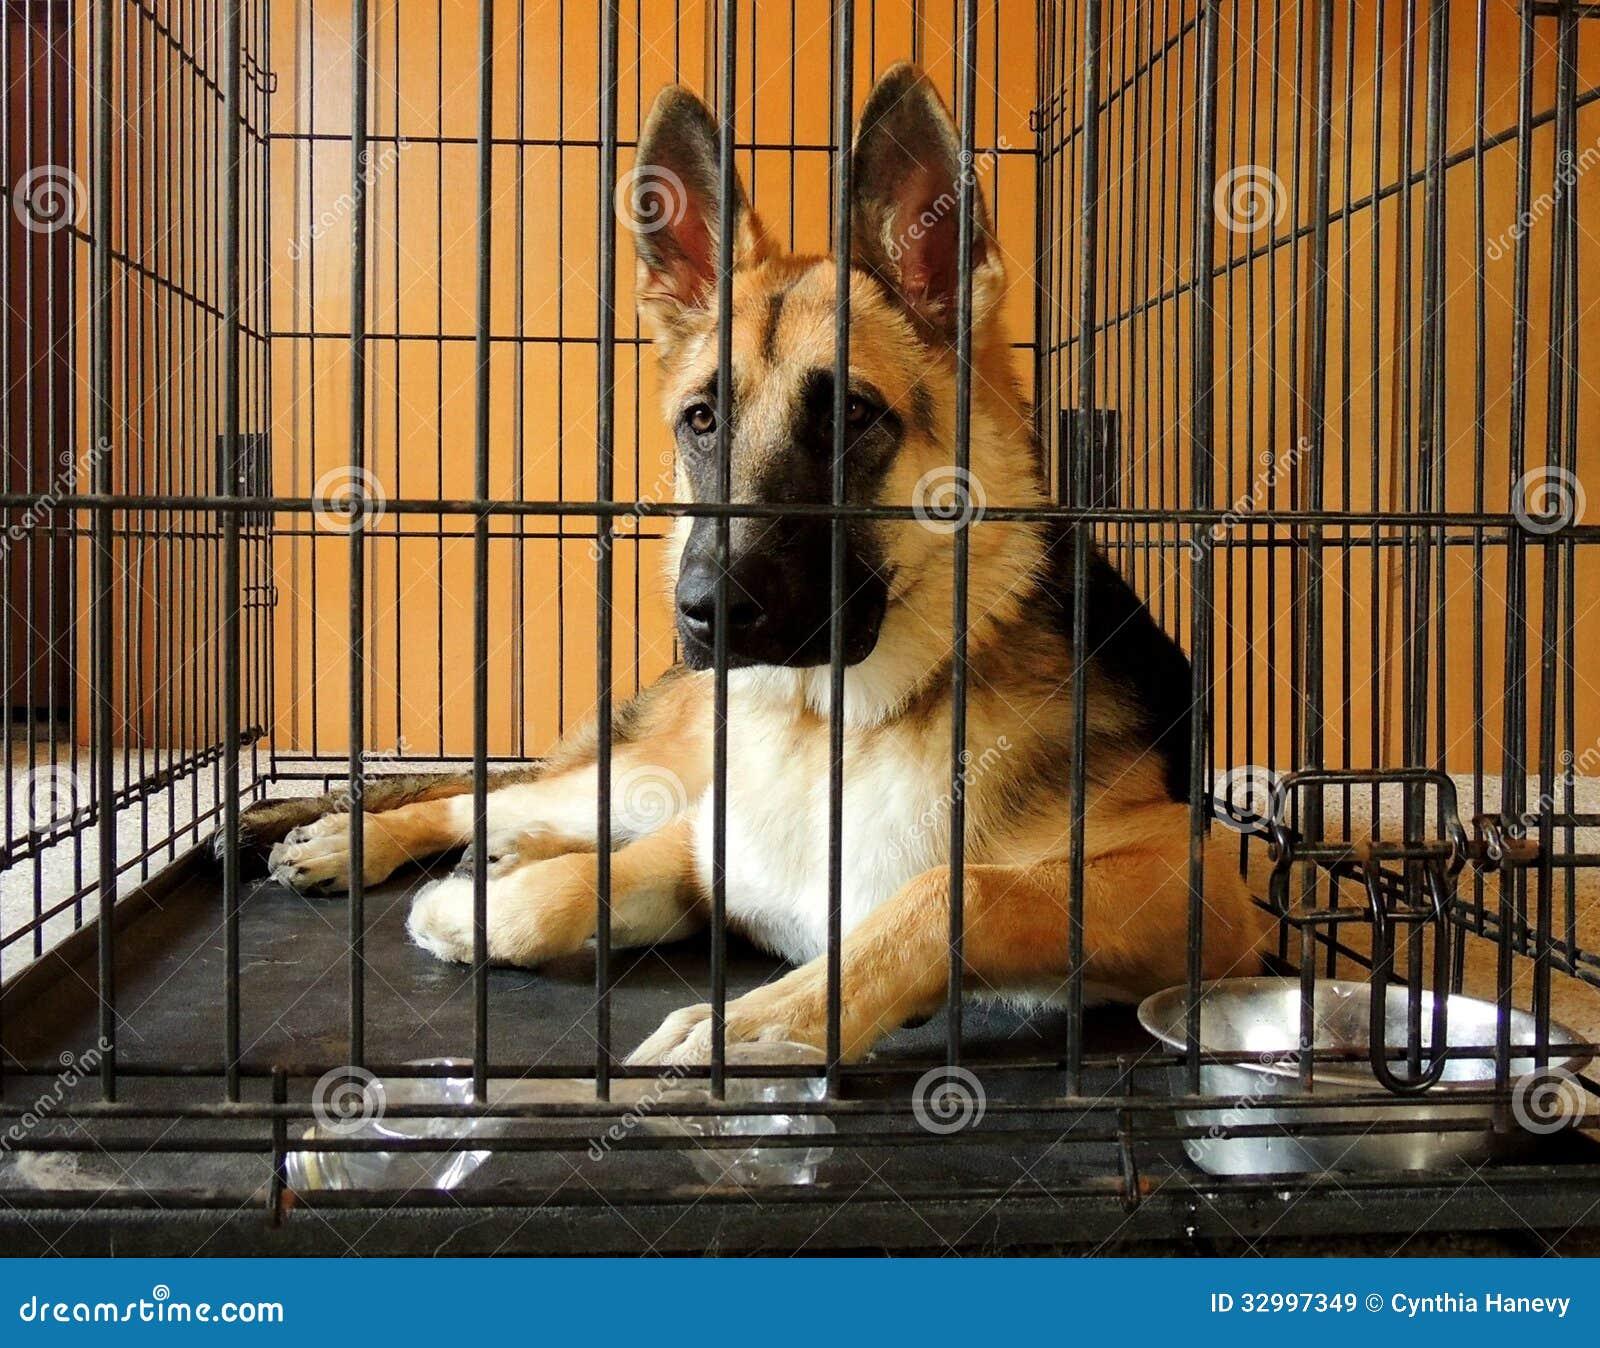 Young German Shepherd in crate